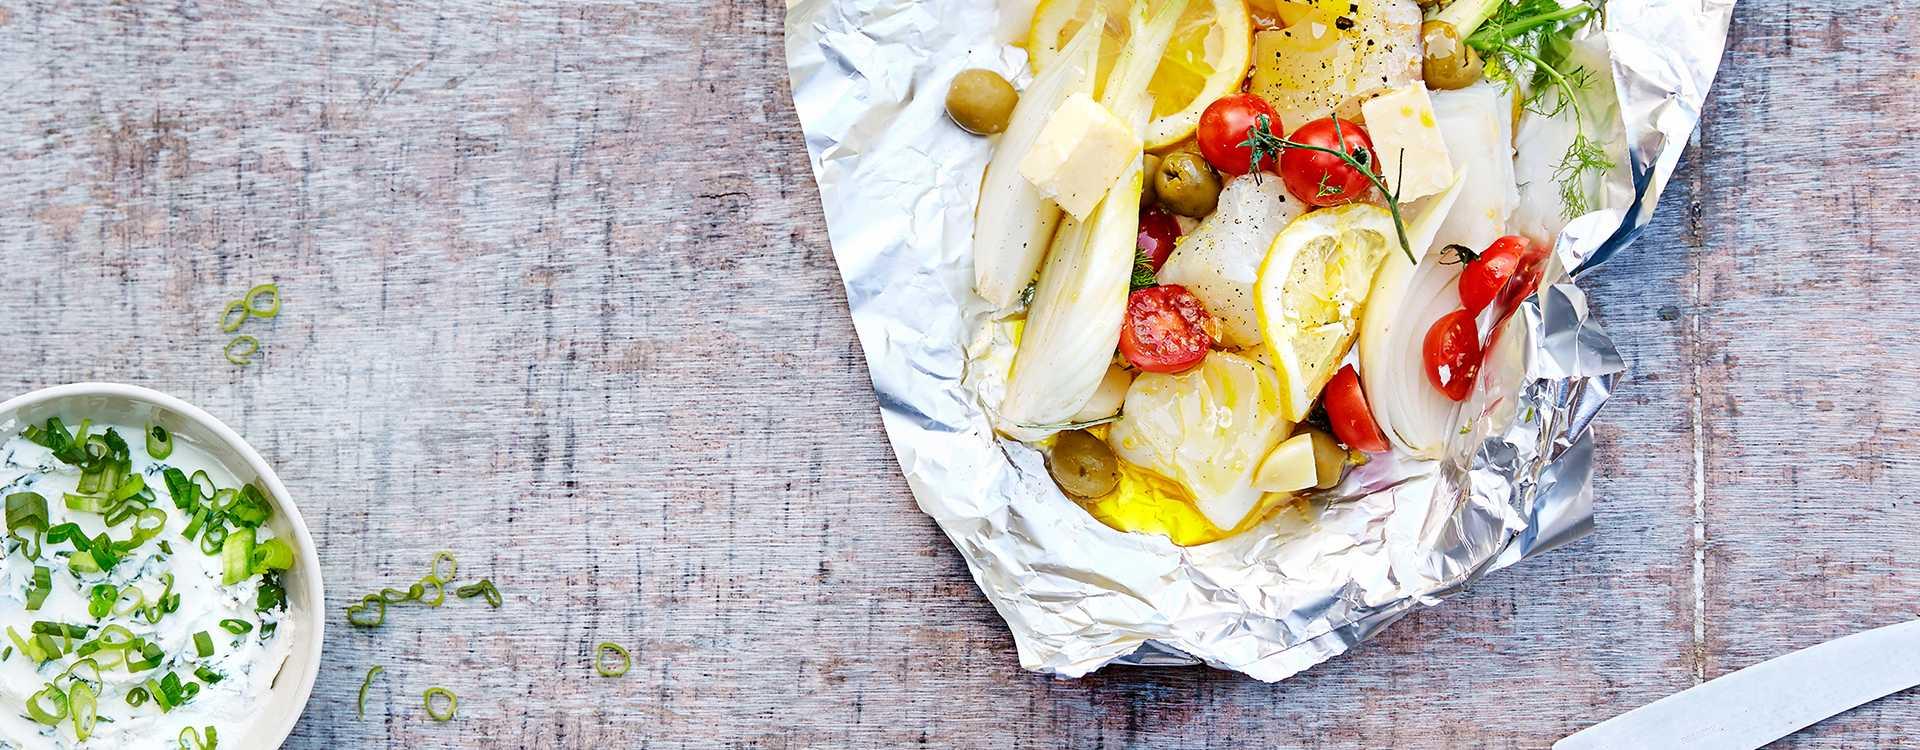 Torsk i folie med basilikumkrem og fennikel